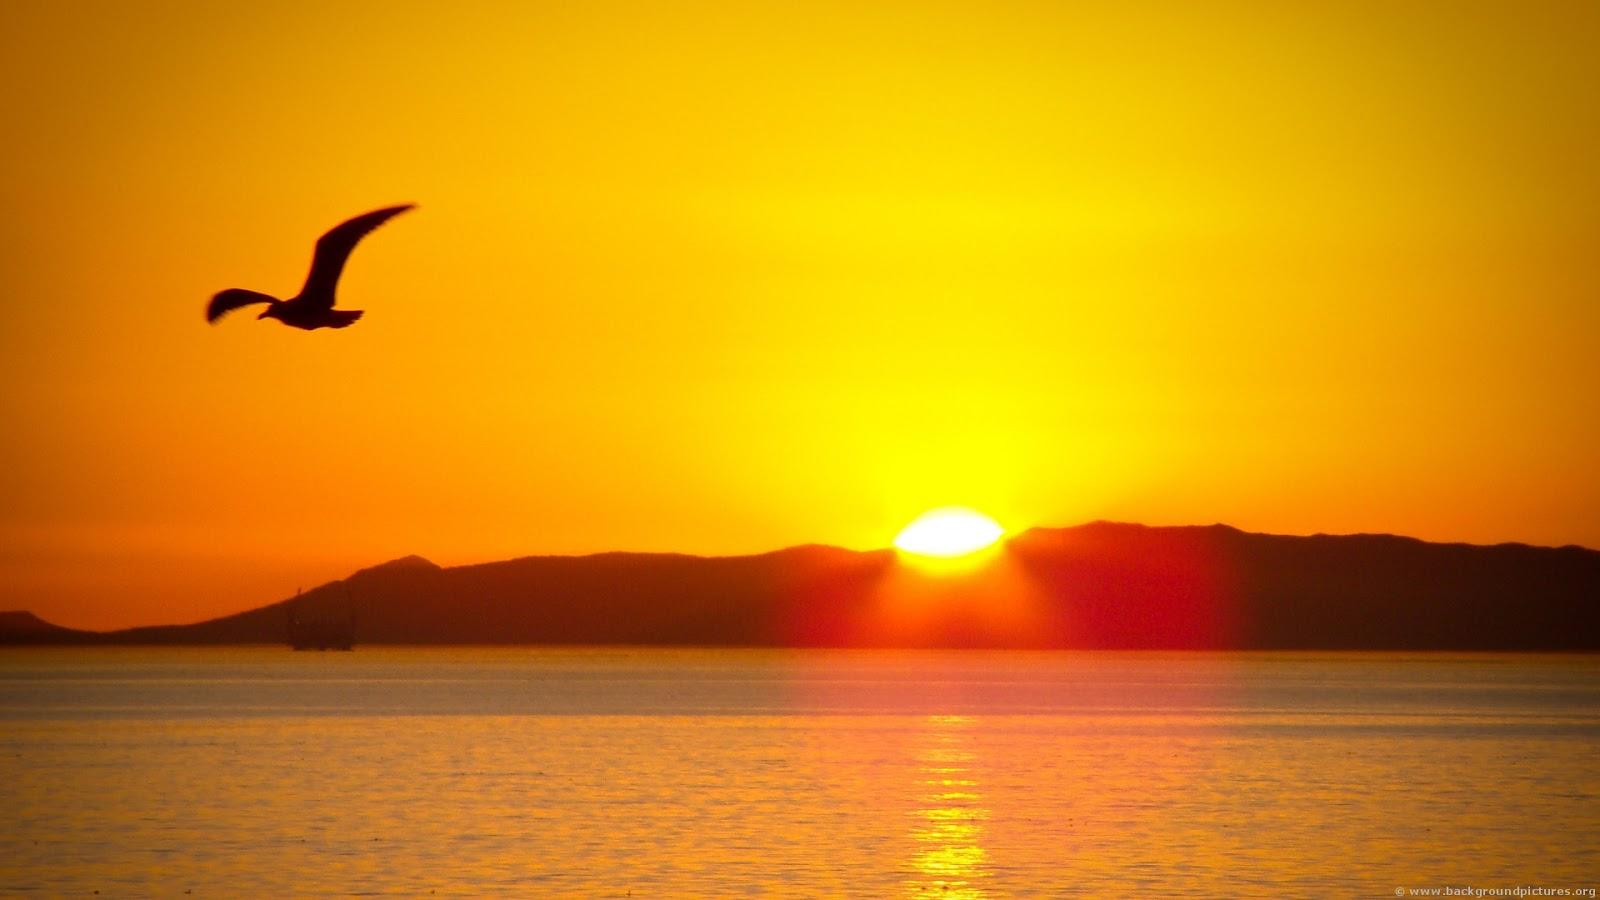 sun risese